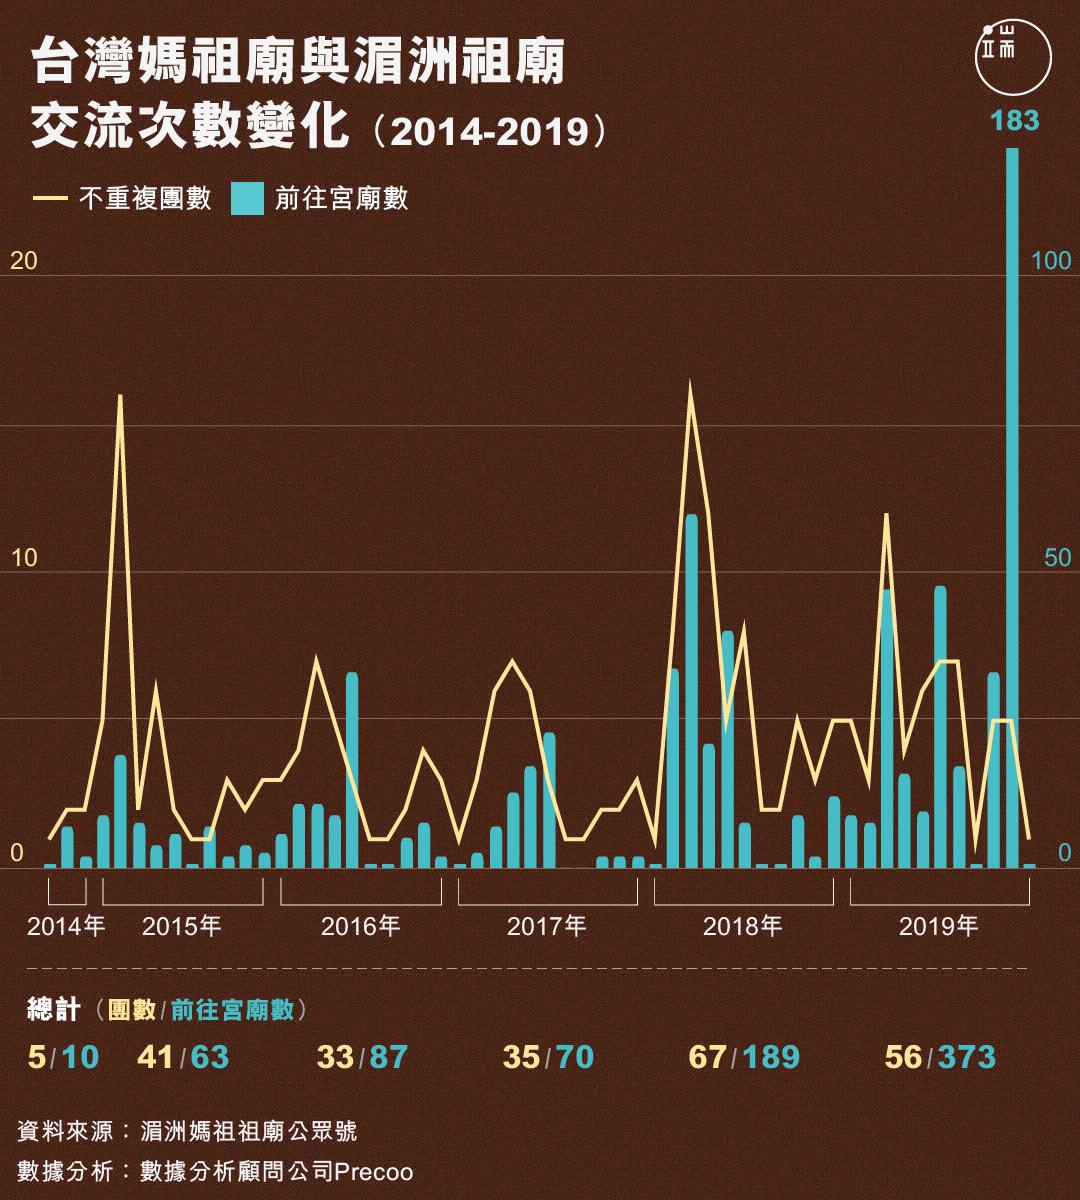 台灣媽祖廟與湄洲祖廟交流次數變化(2014-2019)。